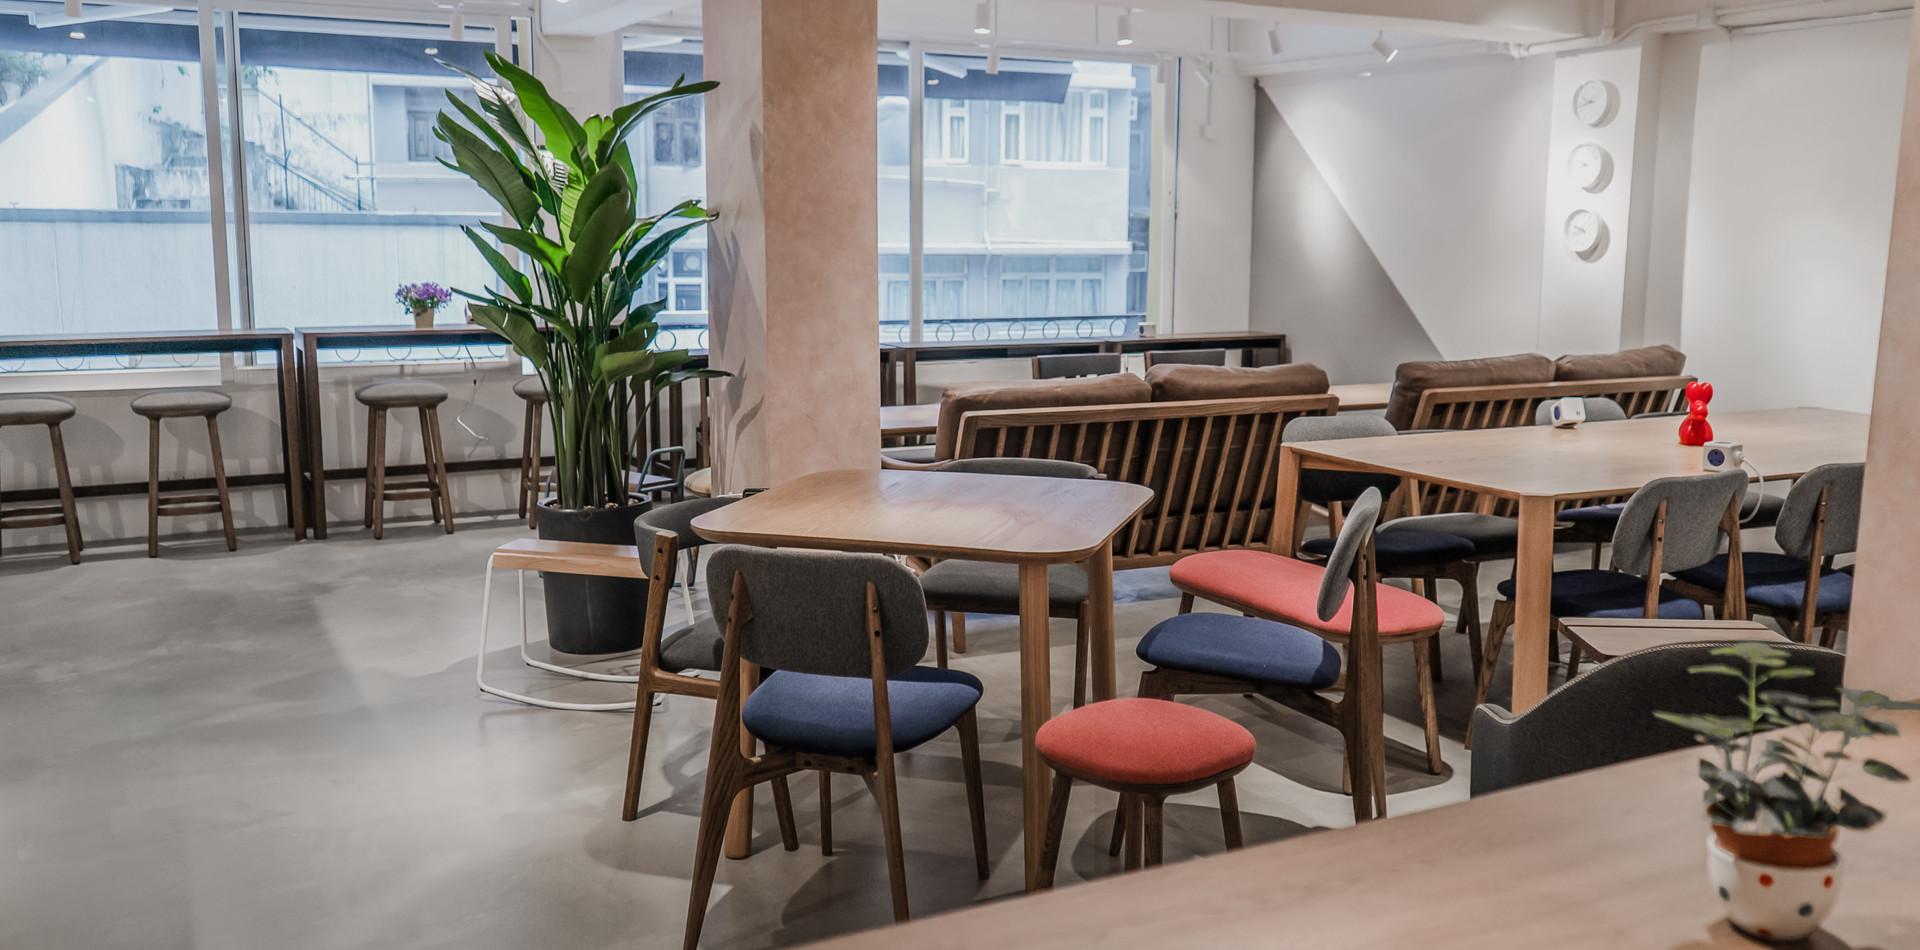 Working spaces hongkong